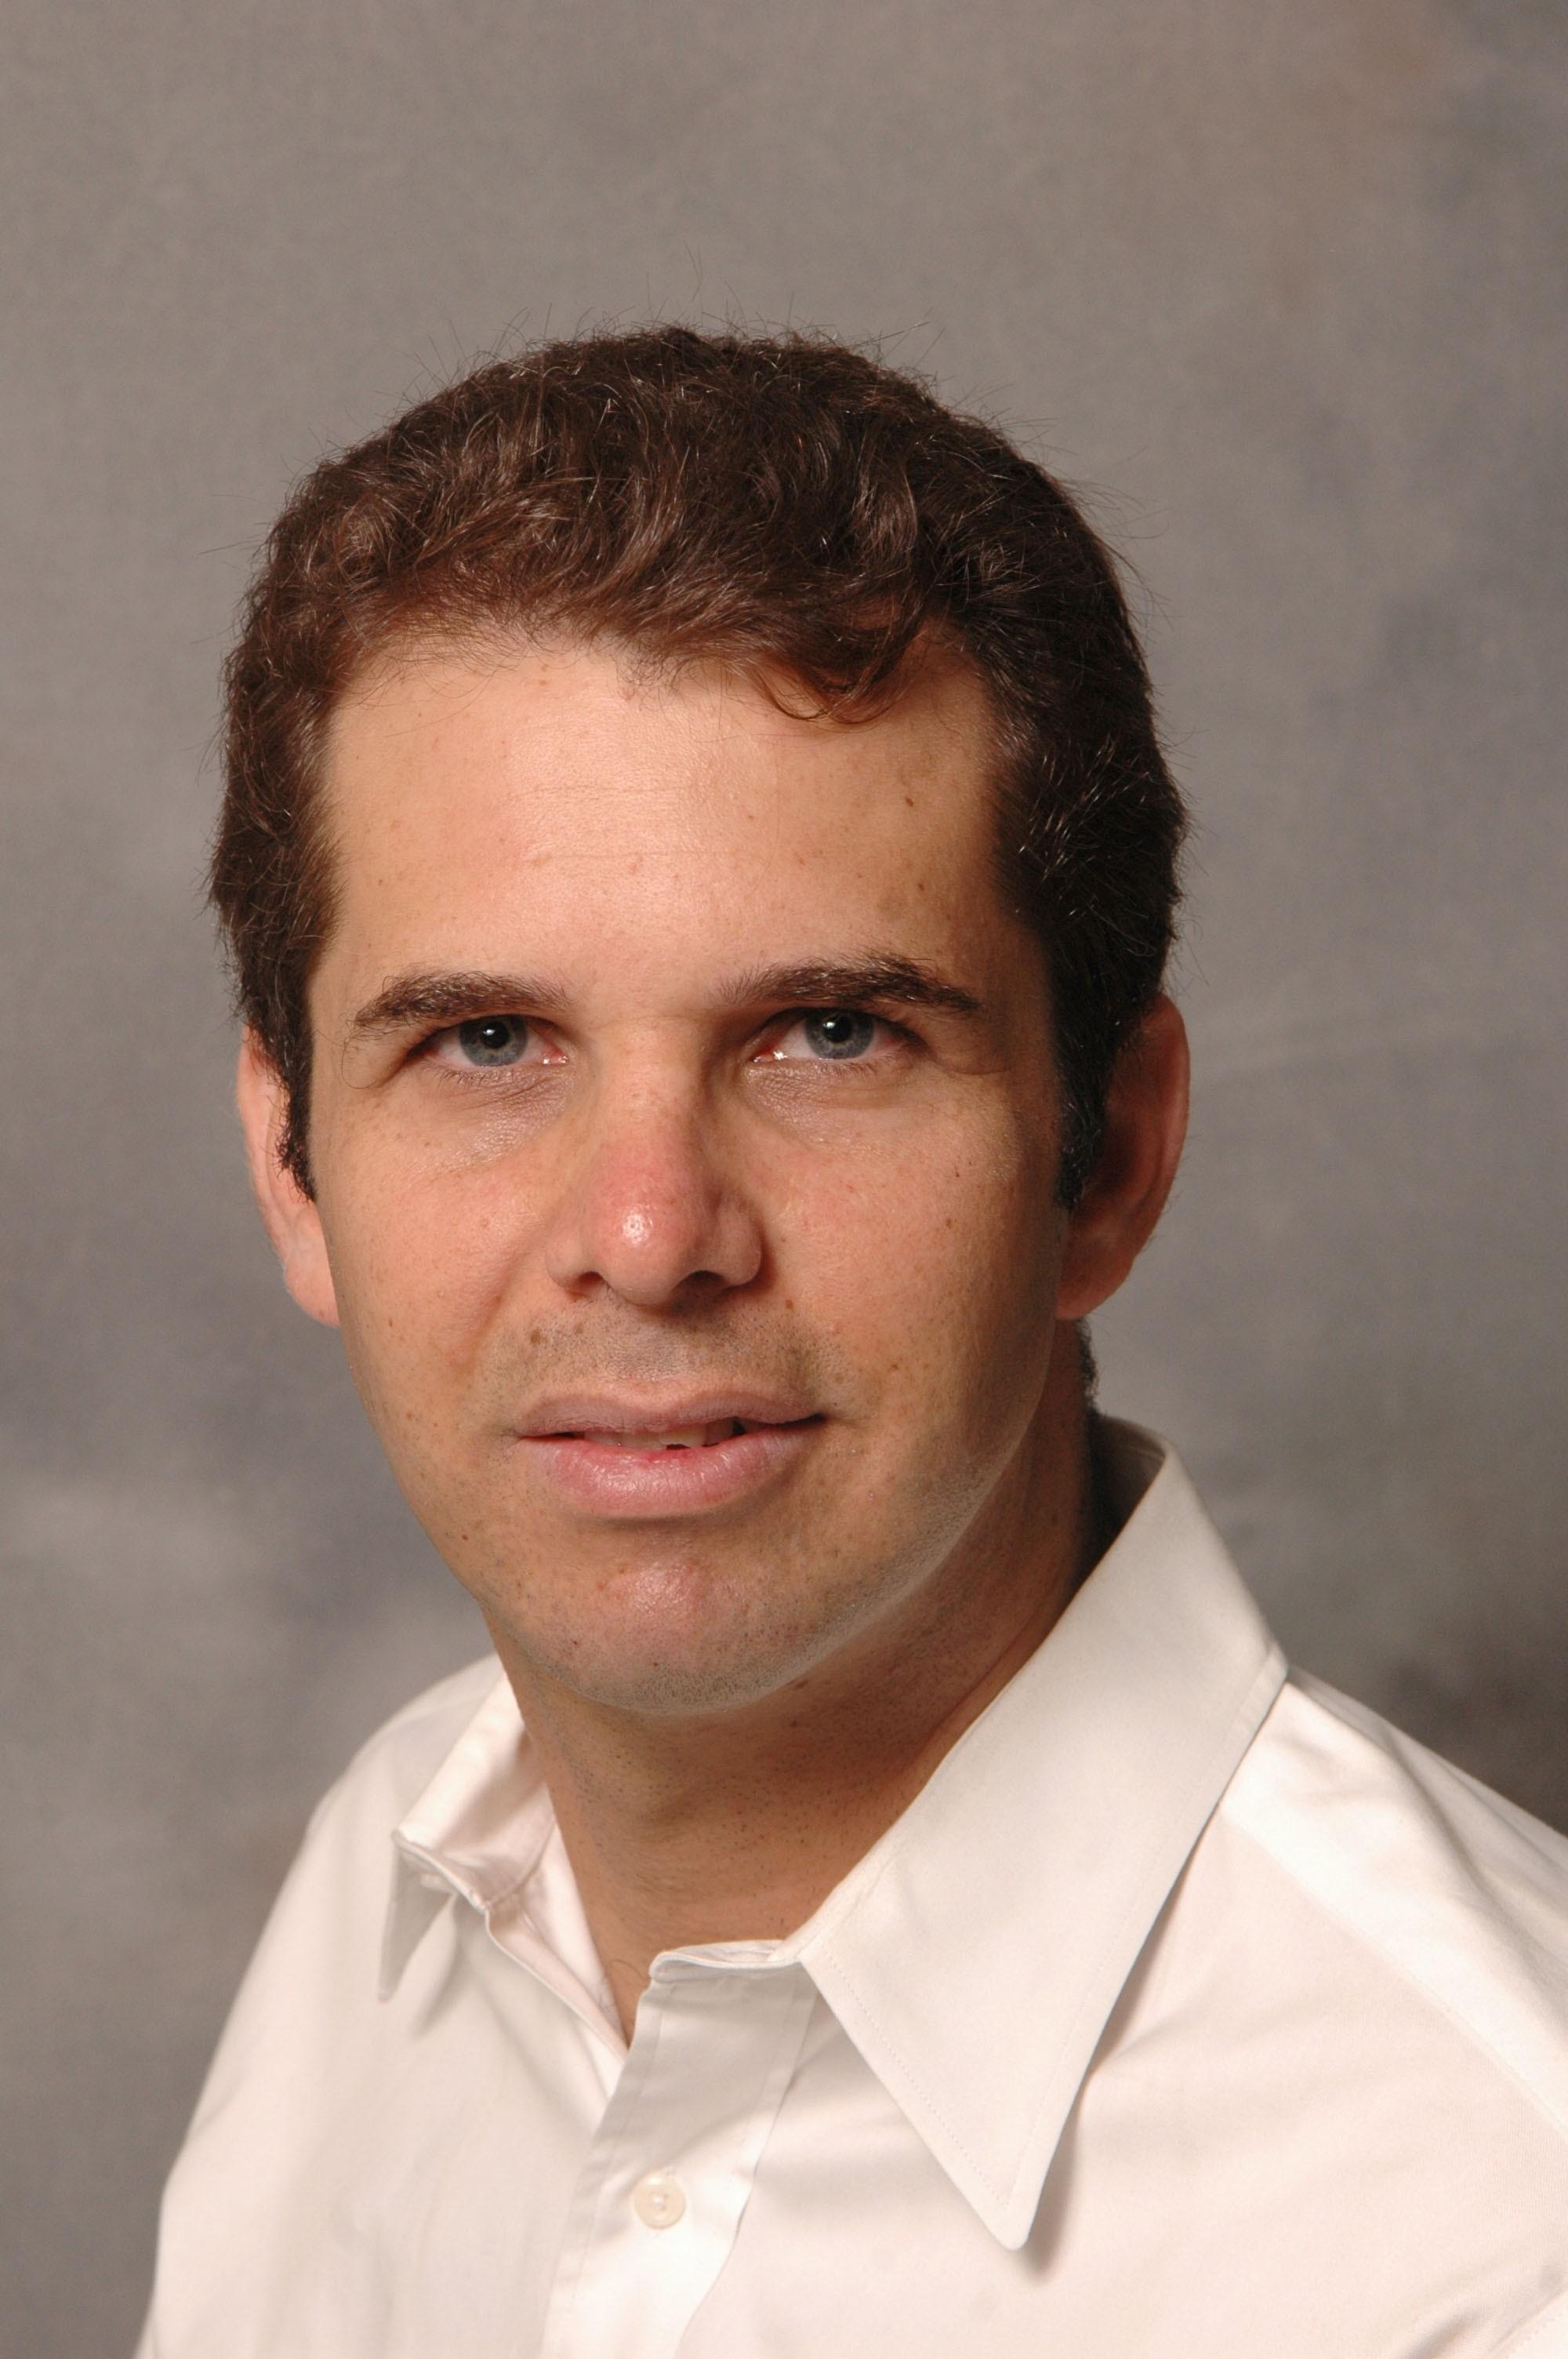 מאיר ברנד, מנכל גוגל ישראל